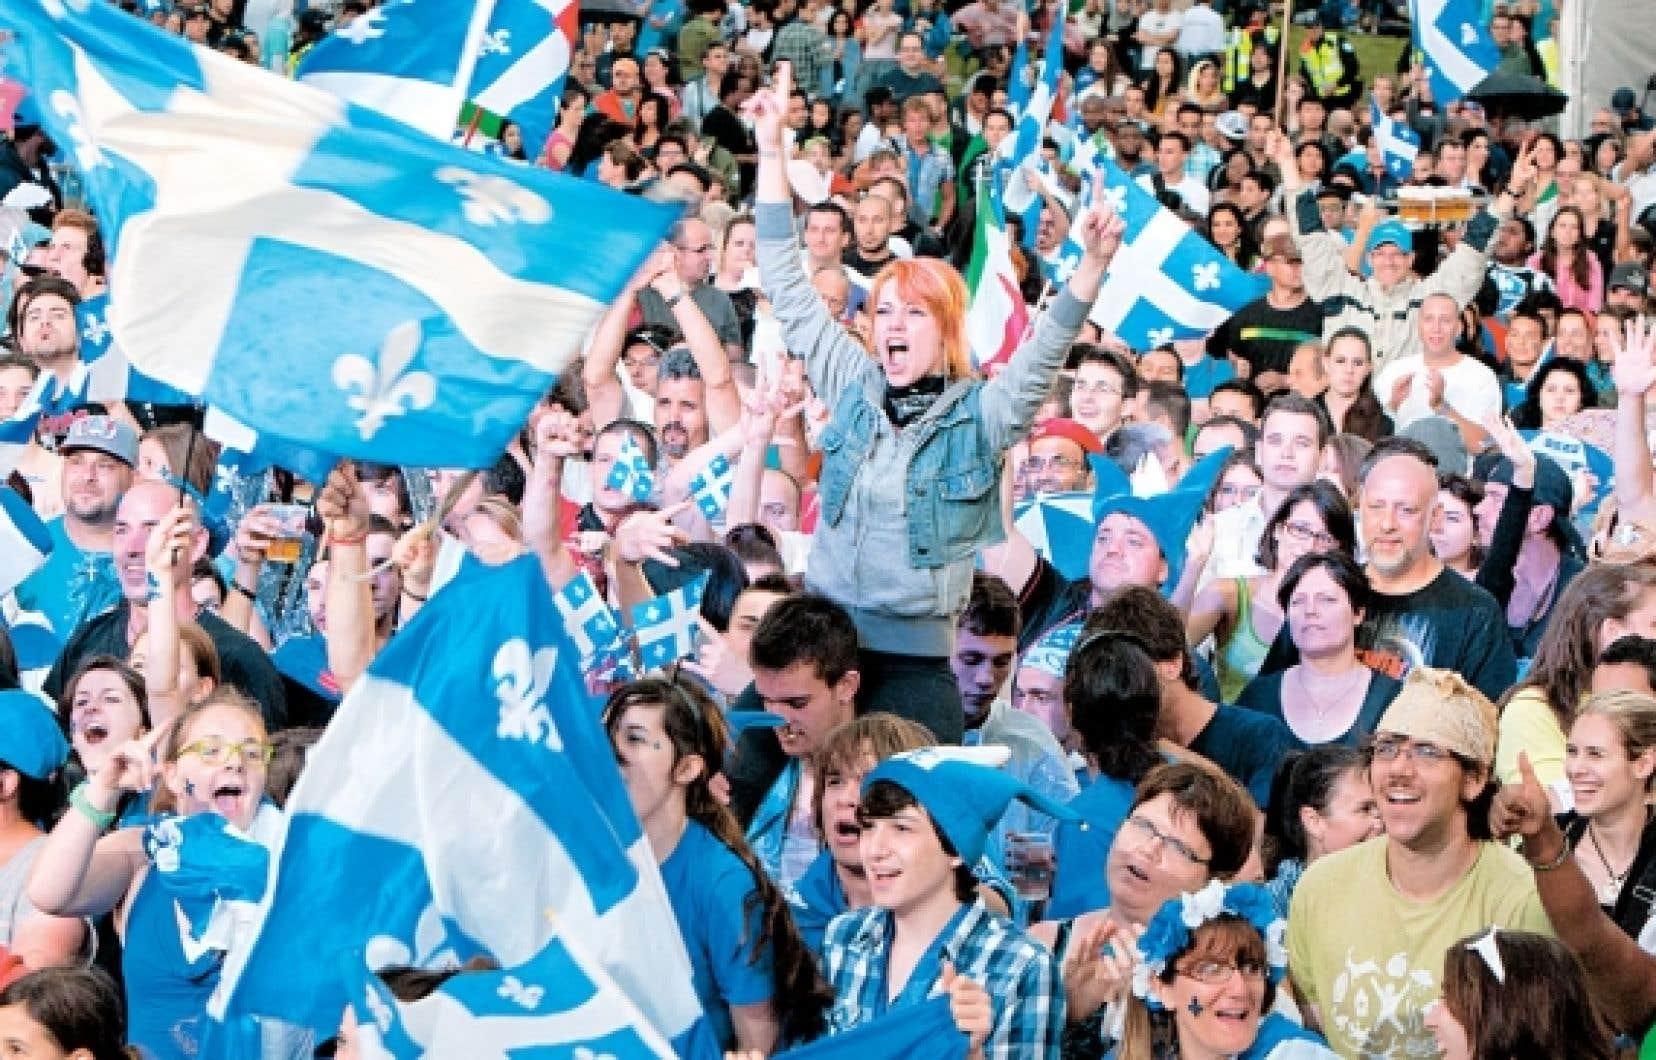 La Fête nationale, c'est voir bleu et blanc, entendre « Bonne Saint-Jean ! » dans les conversations et passer une journée en français.